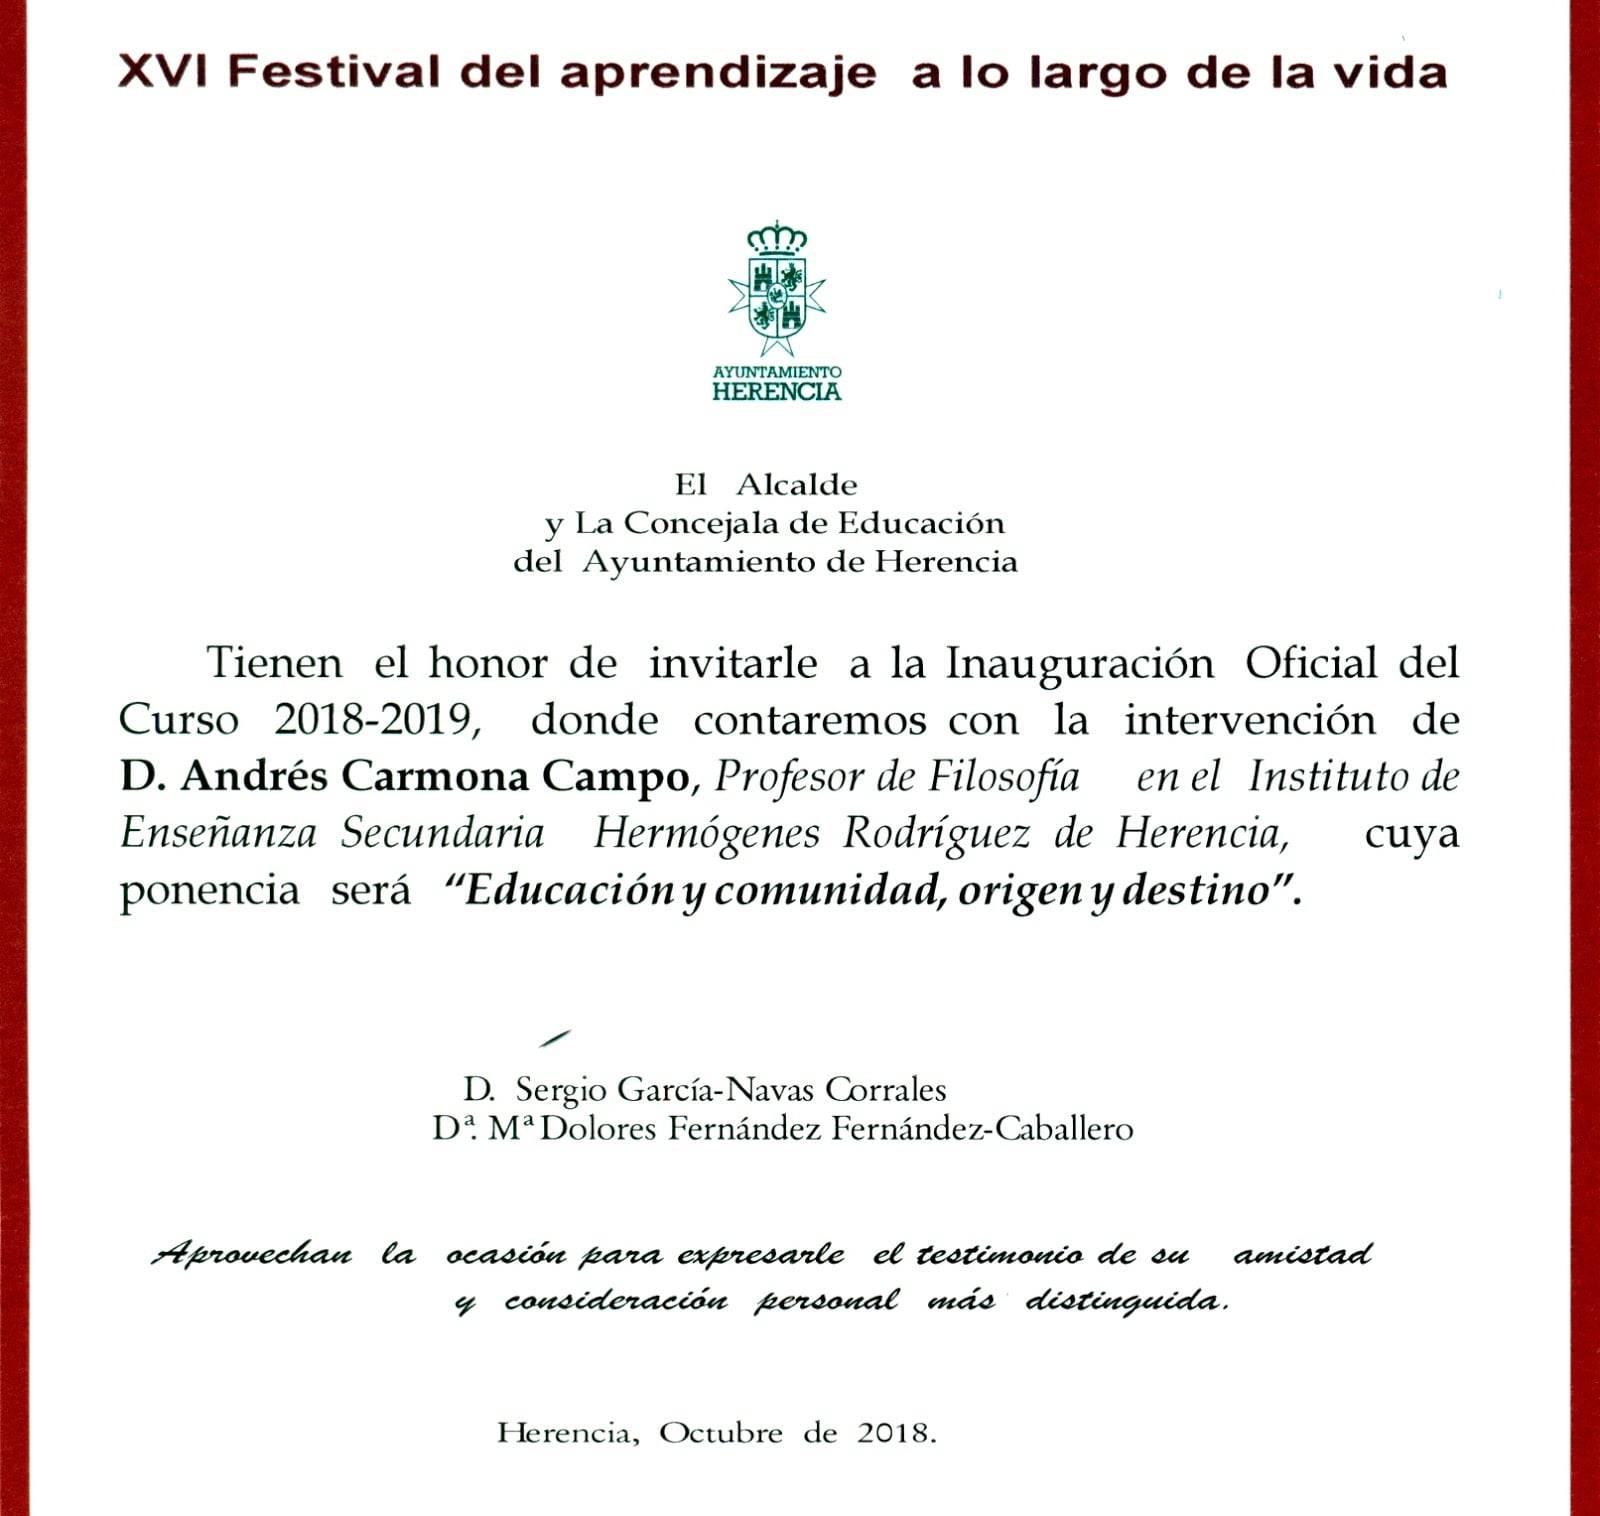 XVI Festival del aprendizaje a lo largo de la vida - Acto de inauguración oficial del Curso 2018-2019